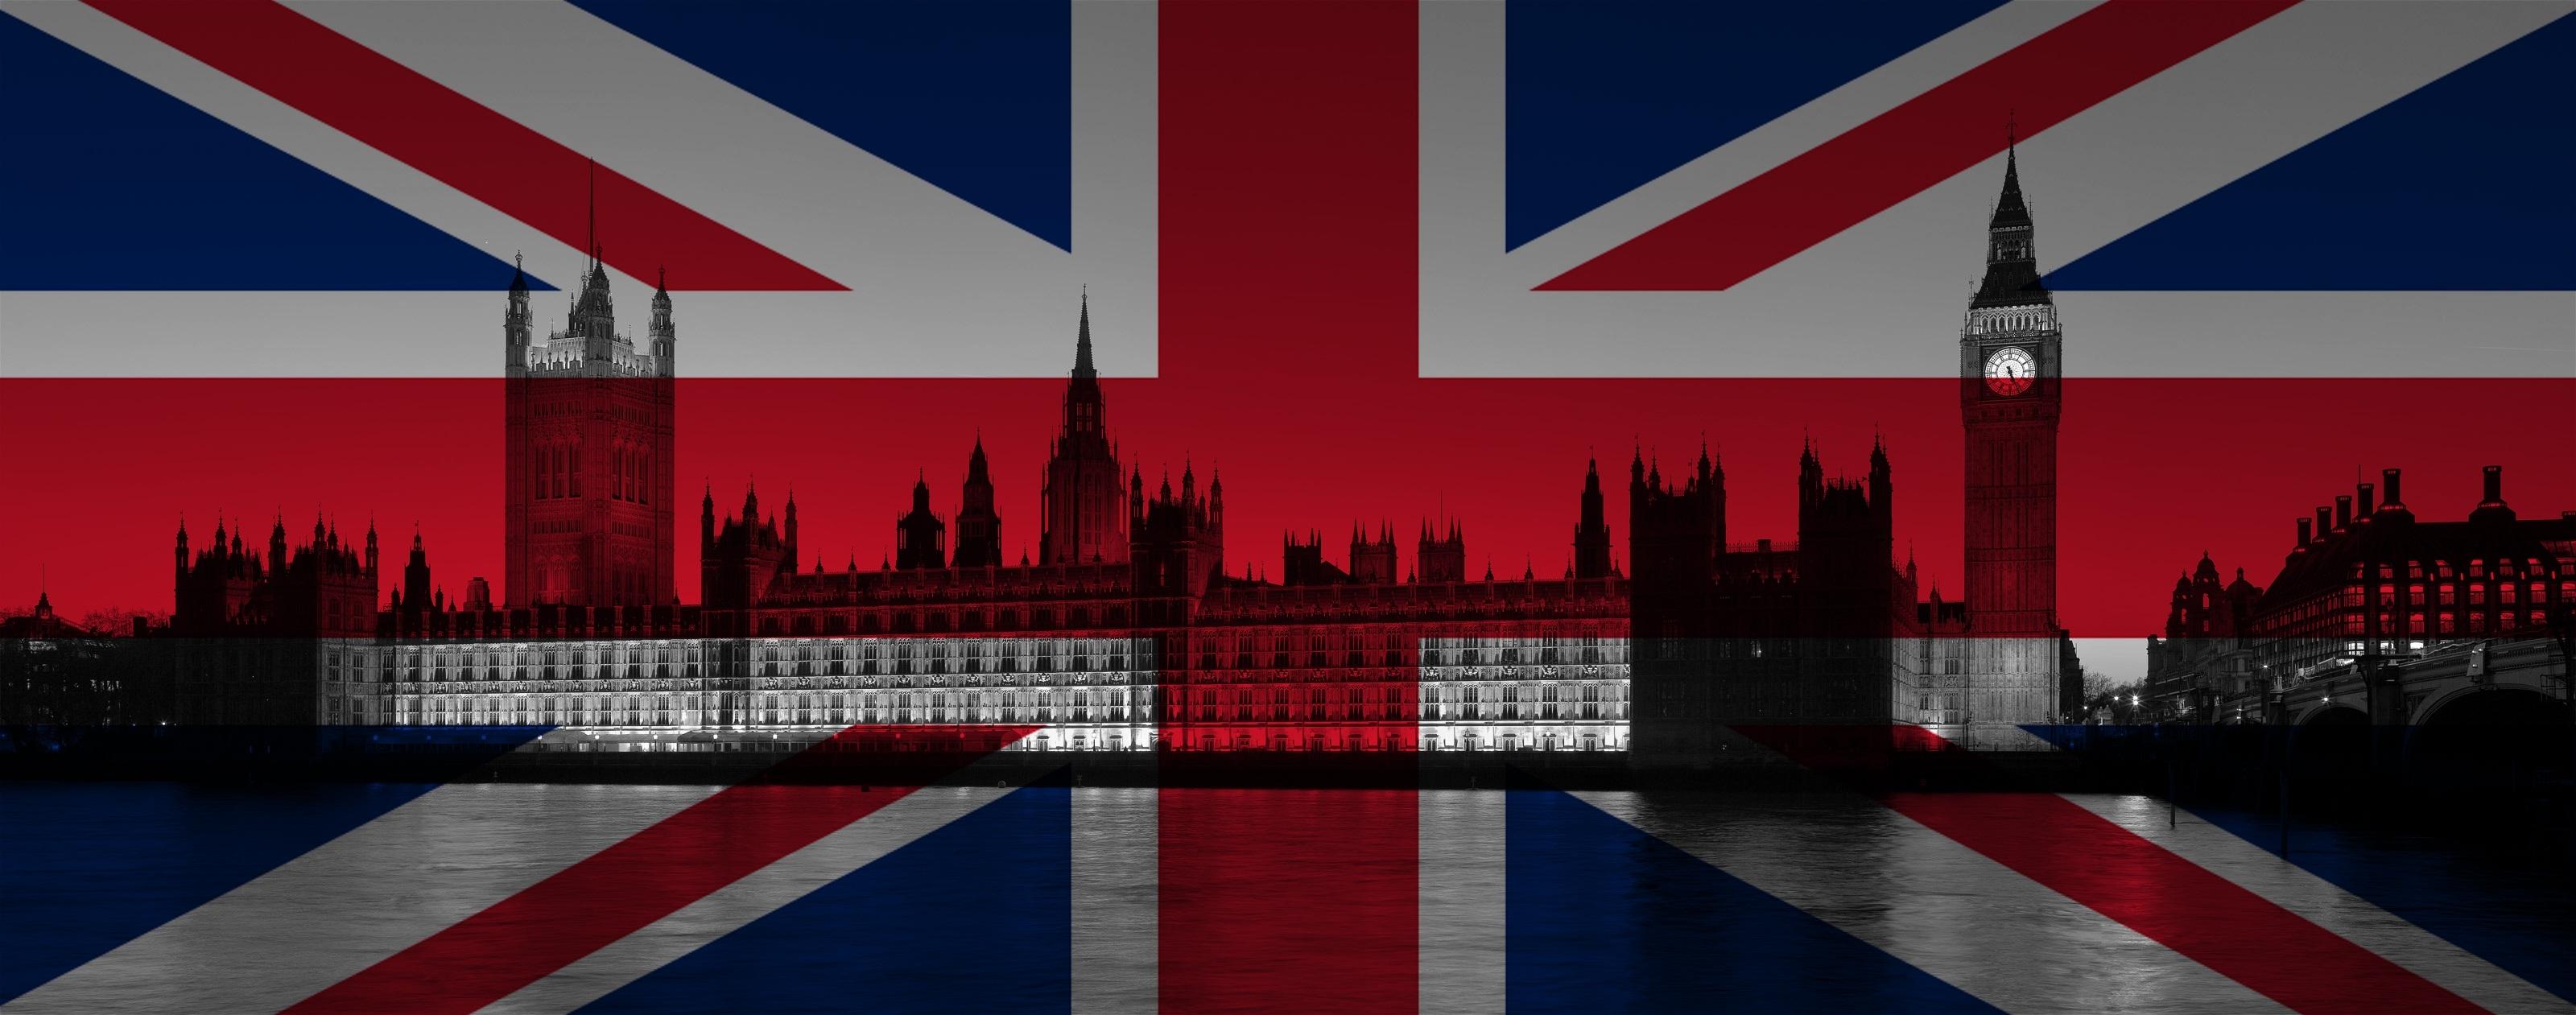 4星?英国英格兰+苏格兰英伦经典10日全览私家团?伦敦+剑桥+约克+爱丁堡+湖区+曼彻斯特+达西庄园+莎士比亚故居+科茨沃尔德+水上伯顿+巴斯+巨石阵+温莎城堡+比斯特?特别赠送伦敦万豪酒店英式下午茶?2人起订?铁定成团【2-6人精致小车团】